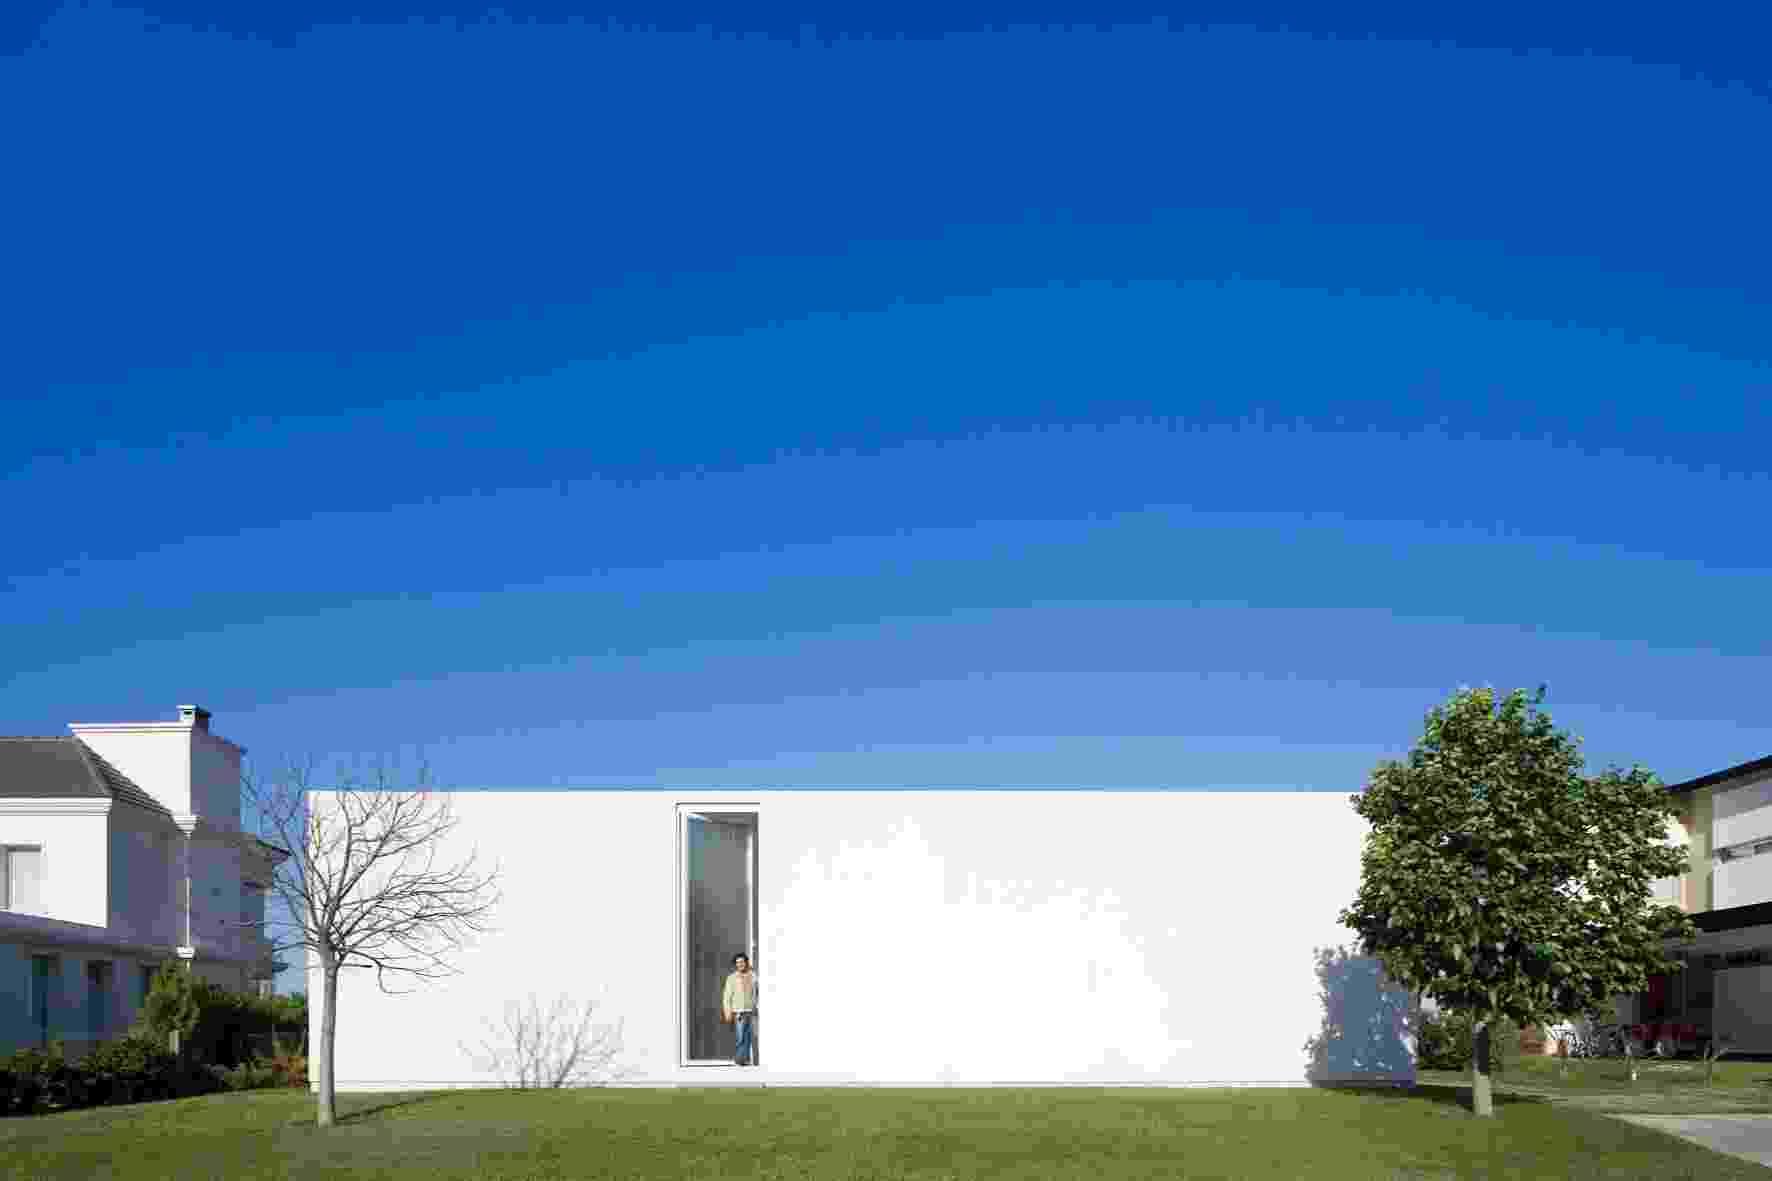 A Casa Caja (Caixa) ou Casa Patio, dos arquitetos Juan Germán Guardati, Román Renzi e Virginia Kahanoff, se fecha para a rua, em volume branco e único, e tem comunicação ambígua a partir de uma porta alta e estreita, em vidro autoportante, jateado. Em relação às construções vizinhas, se impõe quanto à singularidade, recuo e privacidade e não pela suntuosidade. A construção está situada em Funes, na província argentina de Santa Fe - Leonardo Finotti/ UOL